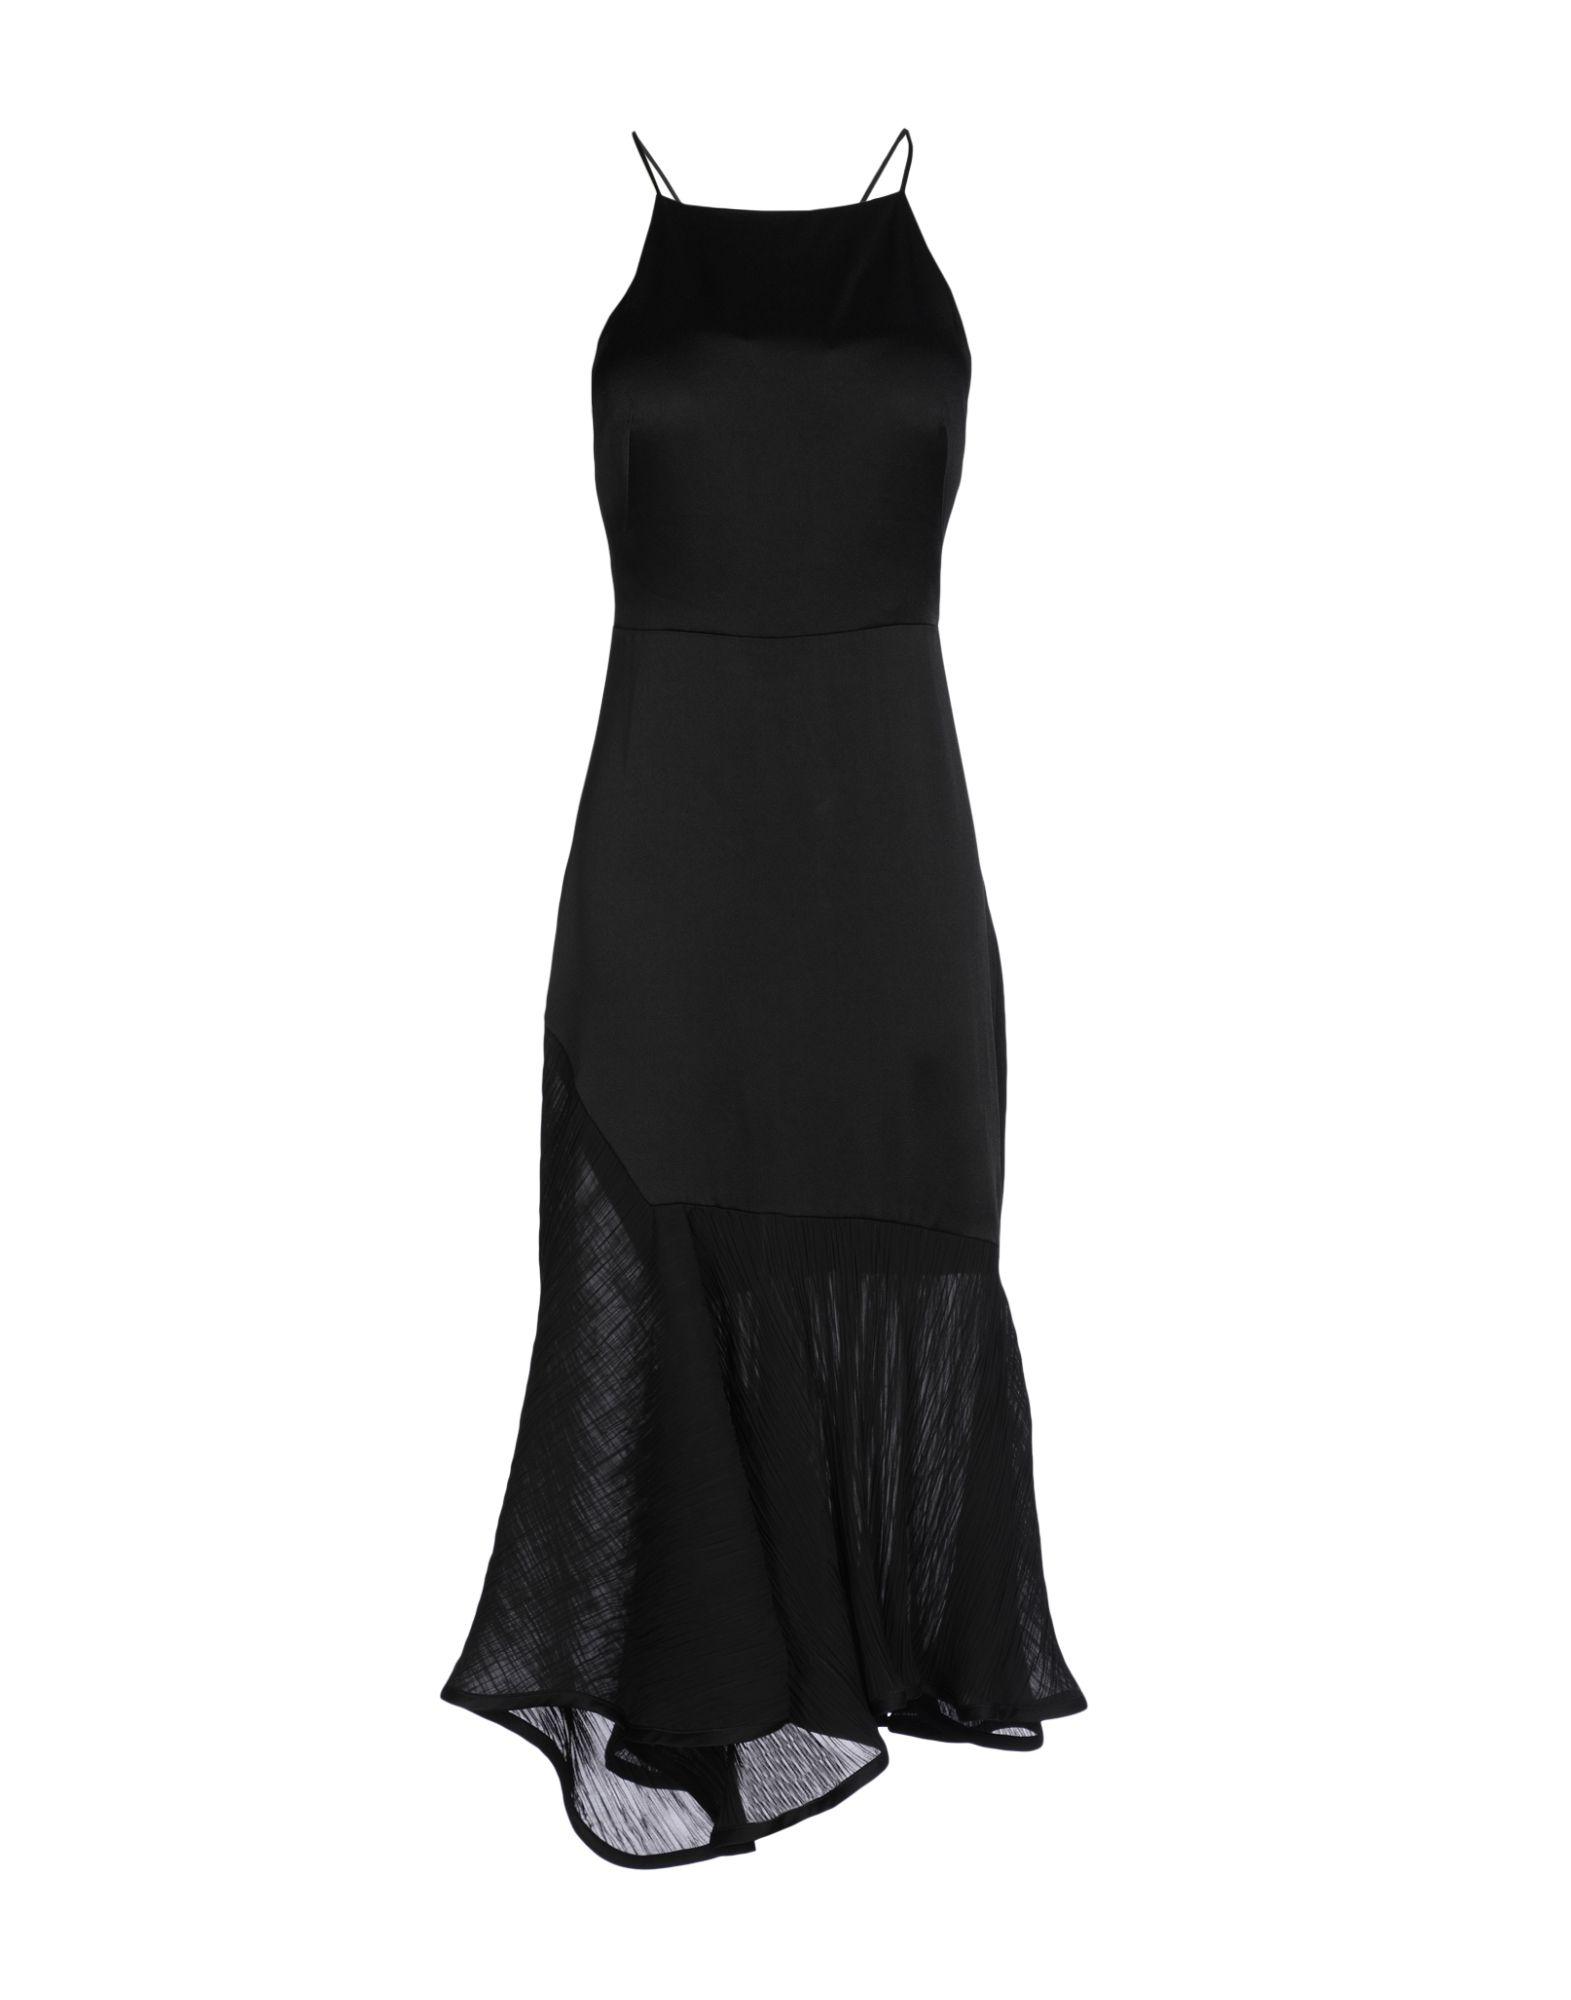 Фото - JASON WU Платье длиной 3/4 jason wu collection юбка длиной 3 4